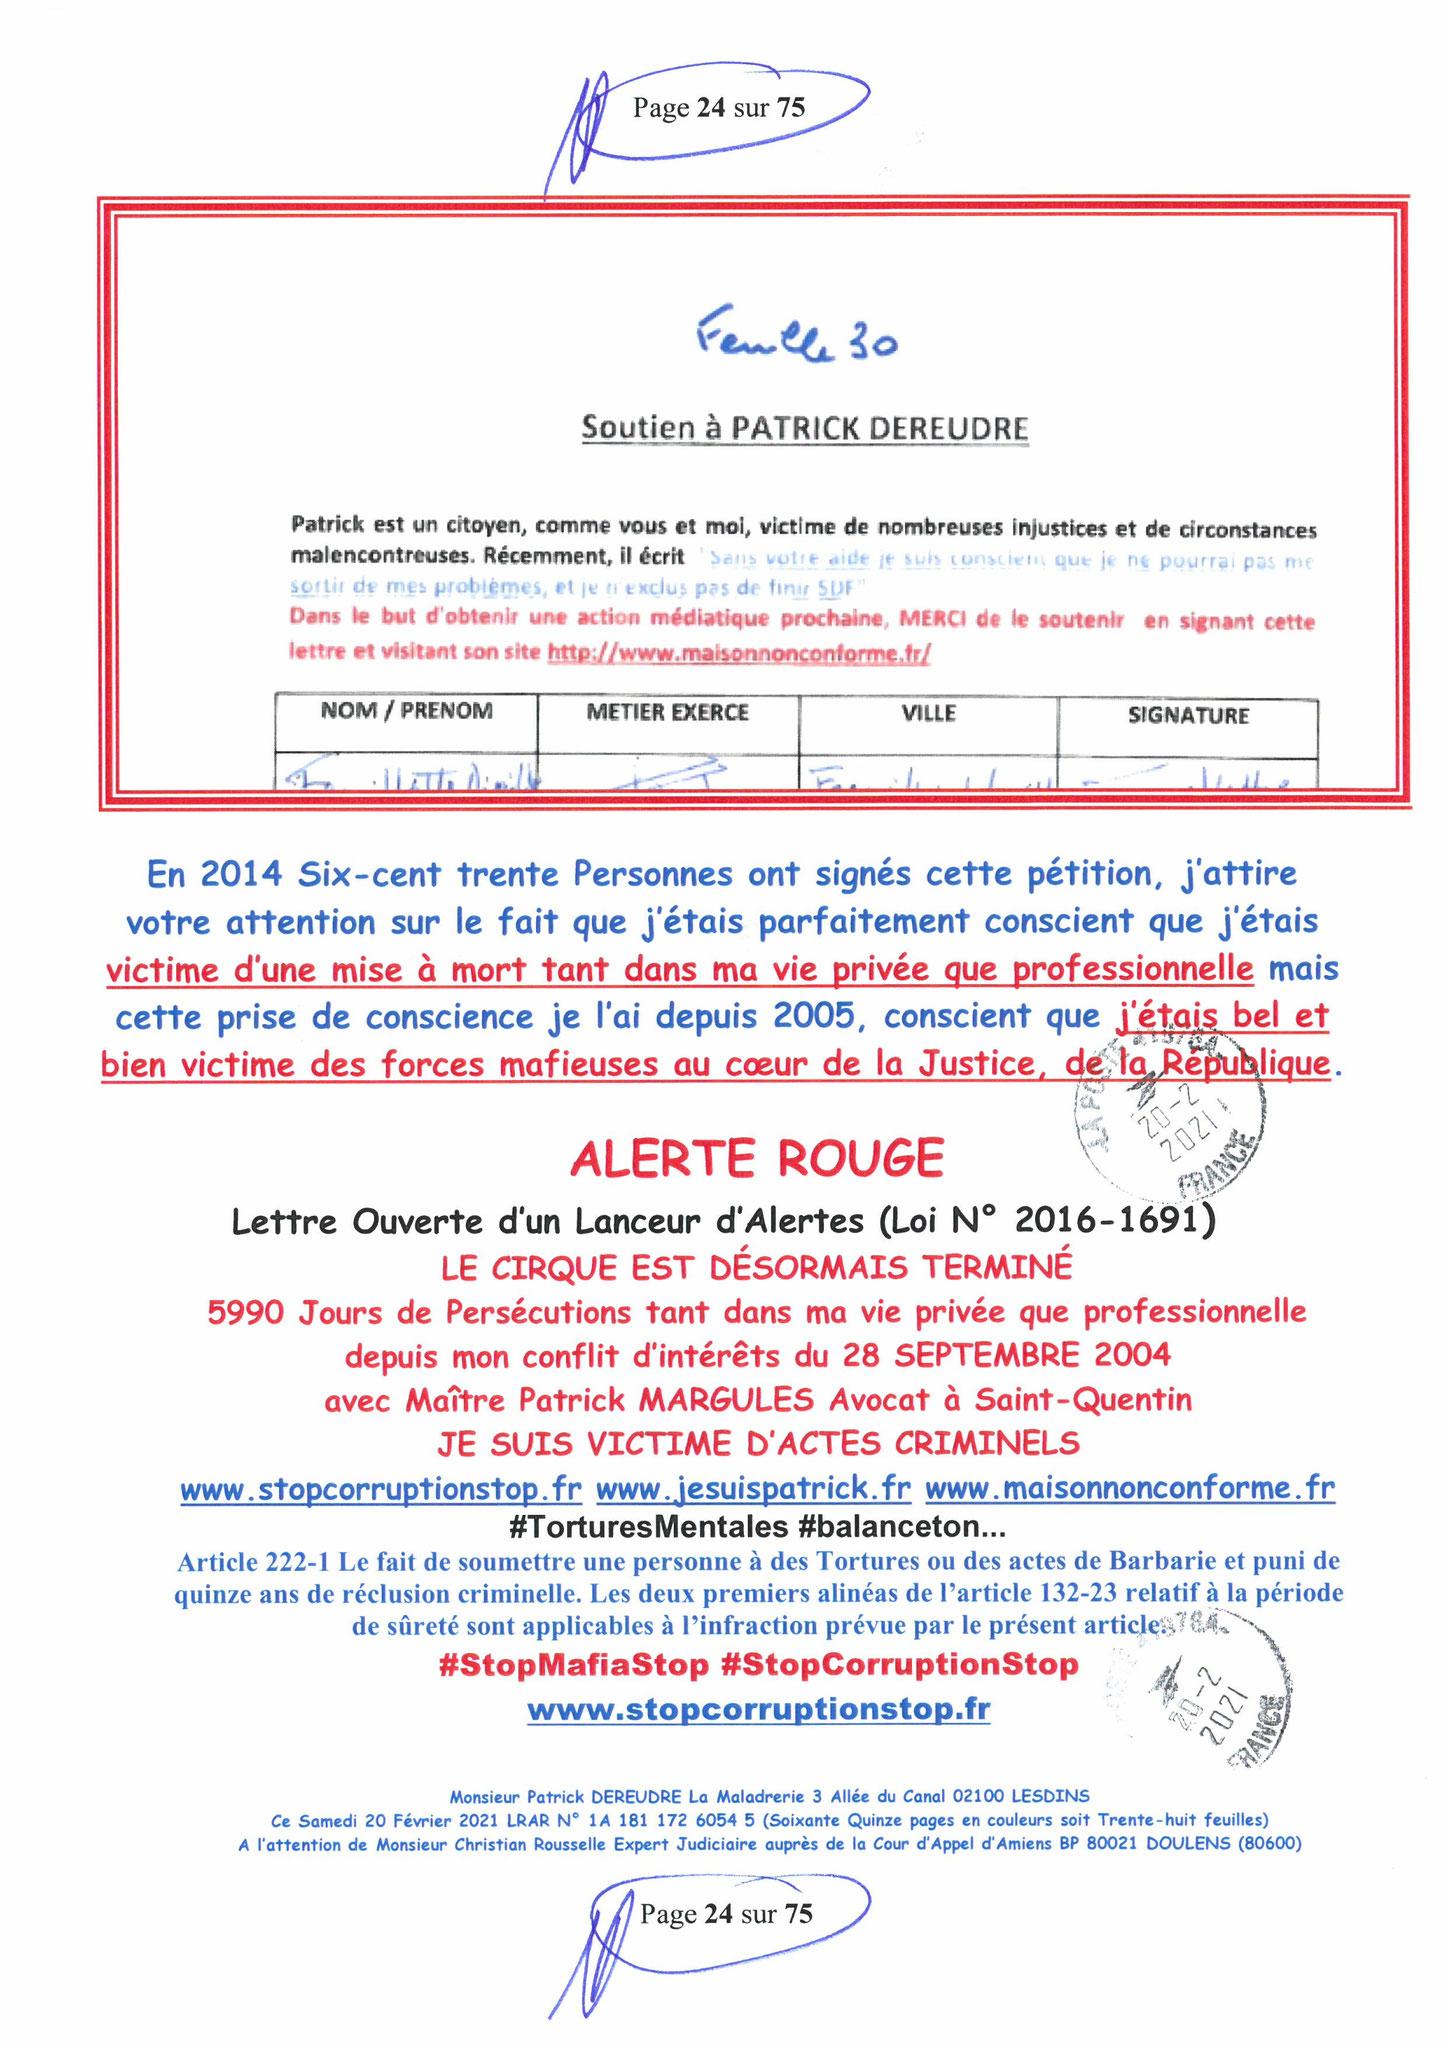 Page 24 Ma  Lettre Recommandée à Monsieur Christian ROUSSELLE Expert Judiciaire auprès de la Cour d'Appel d'Amiens Affaire MES CHERS VOISINS nos  www.jenesuispasunchien.fr www.jesuisvictime.fr www.jesuispatrick.fr PARJURE & CORRUPTION JUSTICE REPUBLIQUE